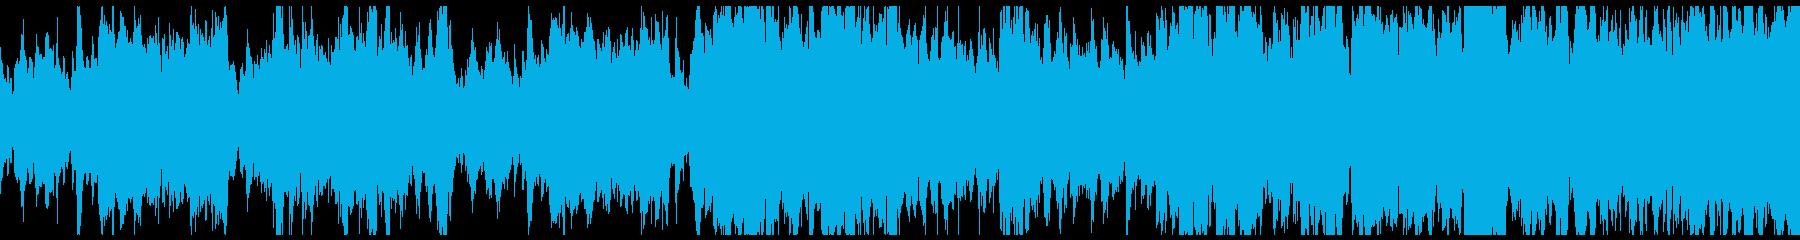 ブラスがメインの激しい戦闘曲 ループ可の再生済みの波形